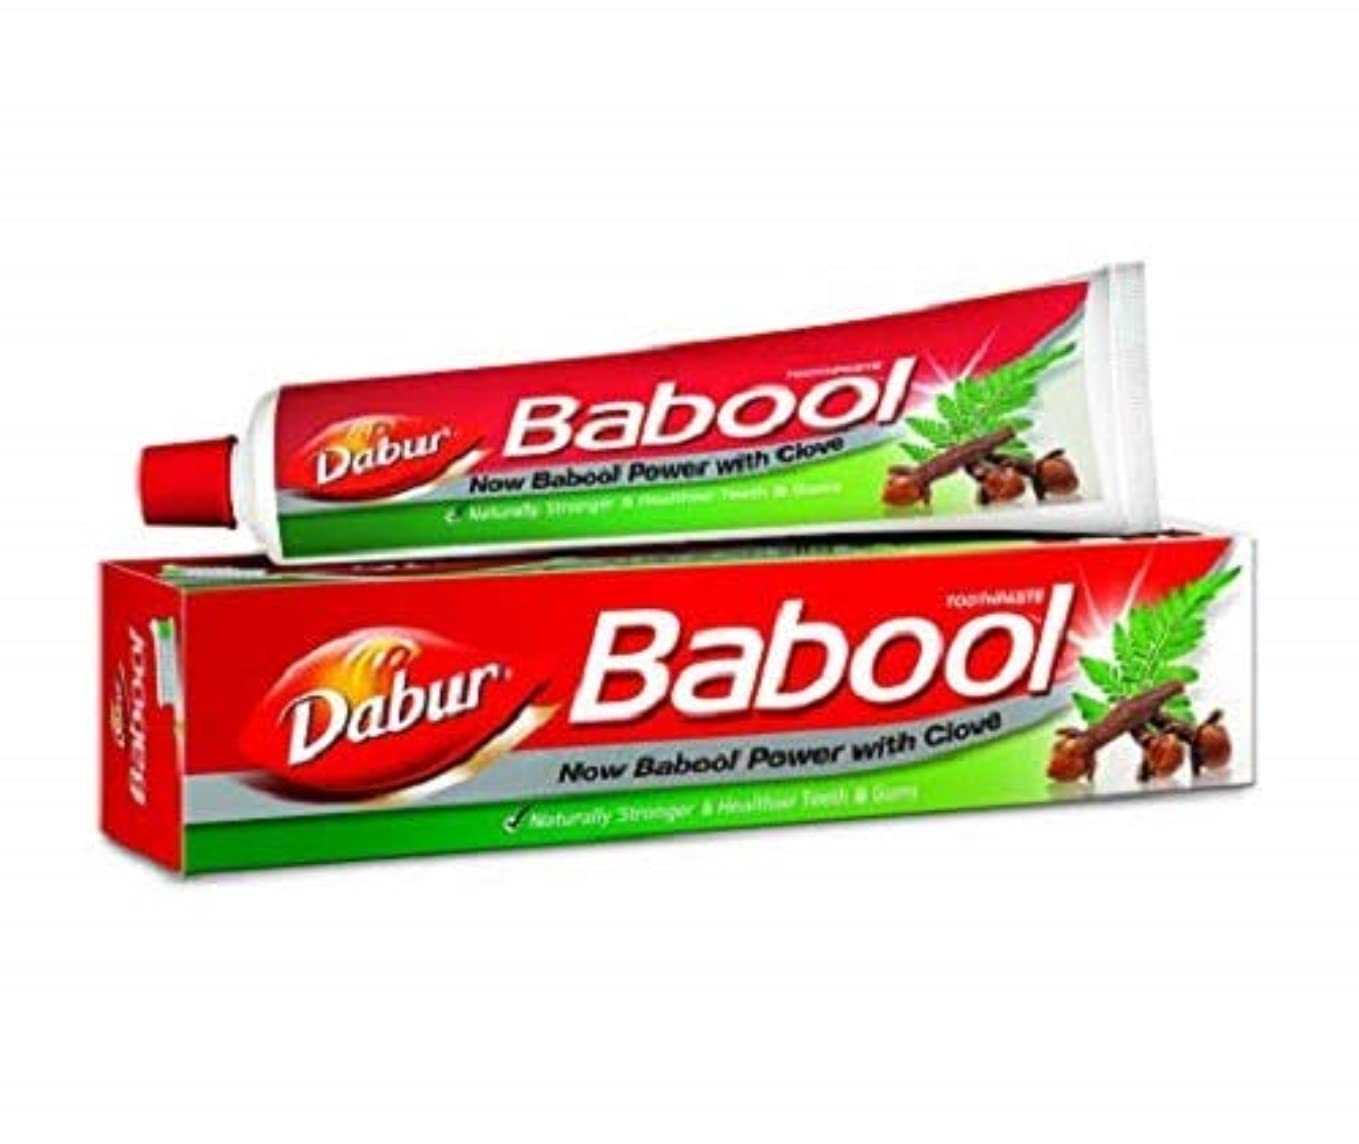 署名彼らのくまBabool Toothpaste 190g toothpaste by Dabur